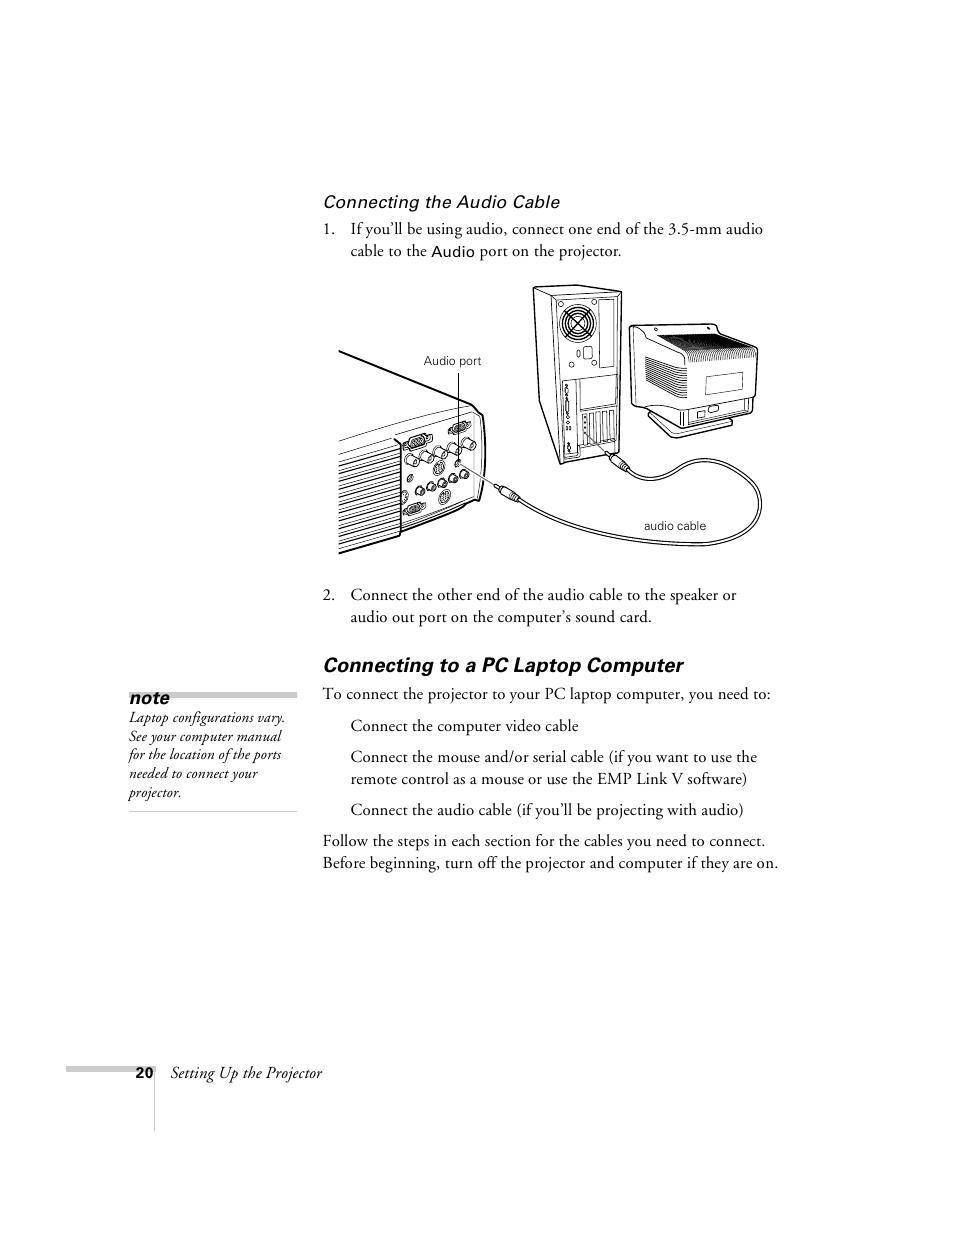 Проектор Epson Сервис мануал - Vobihe